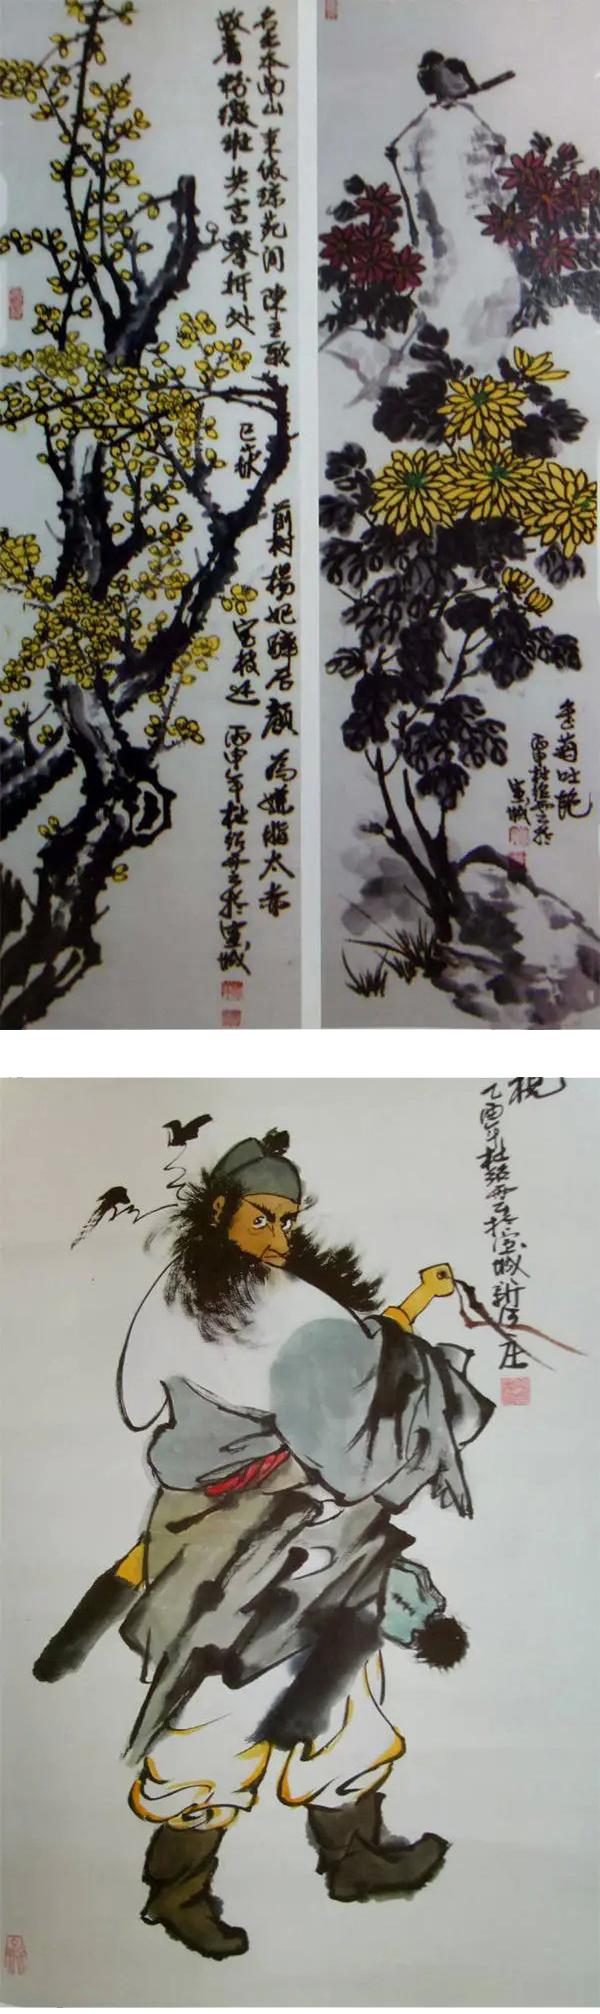 向党献礼·当代书画领军人物杜绍云·范迪安作品欣赏